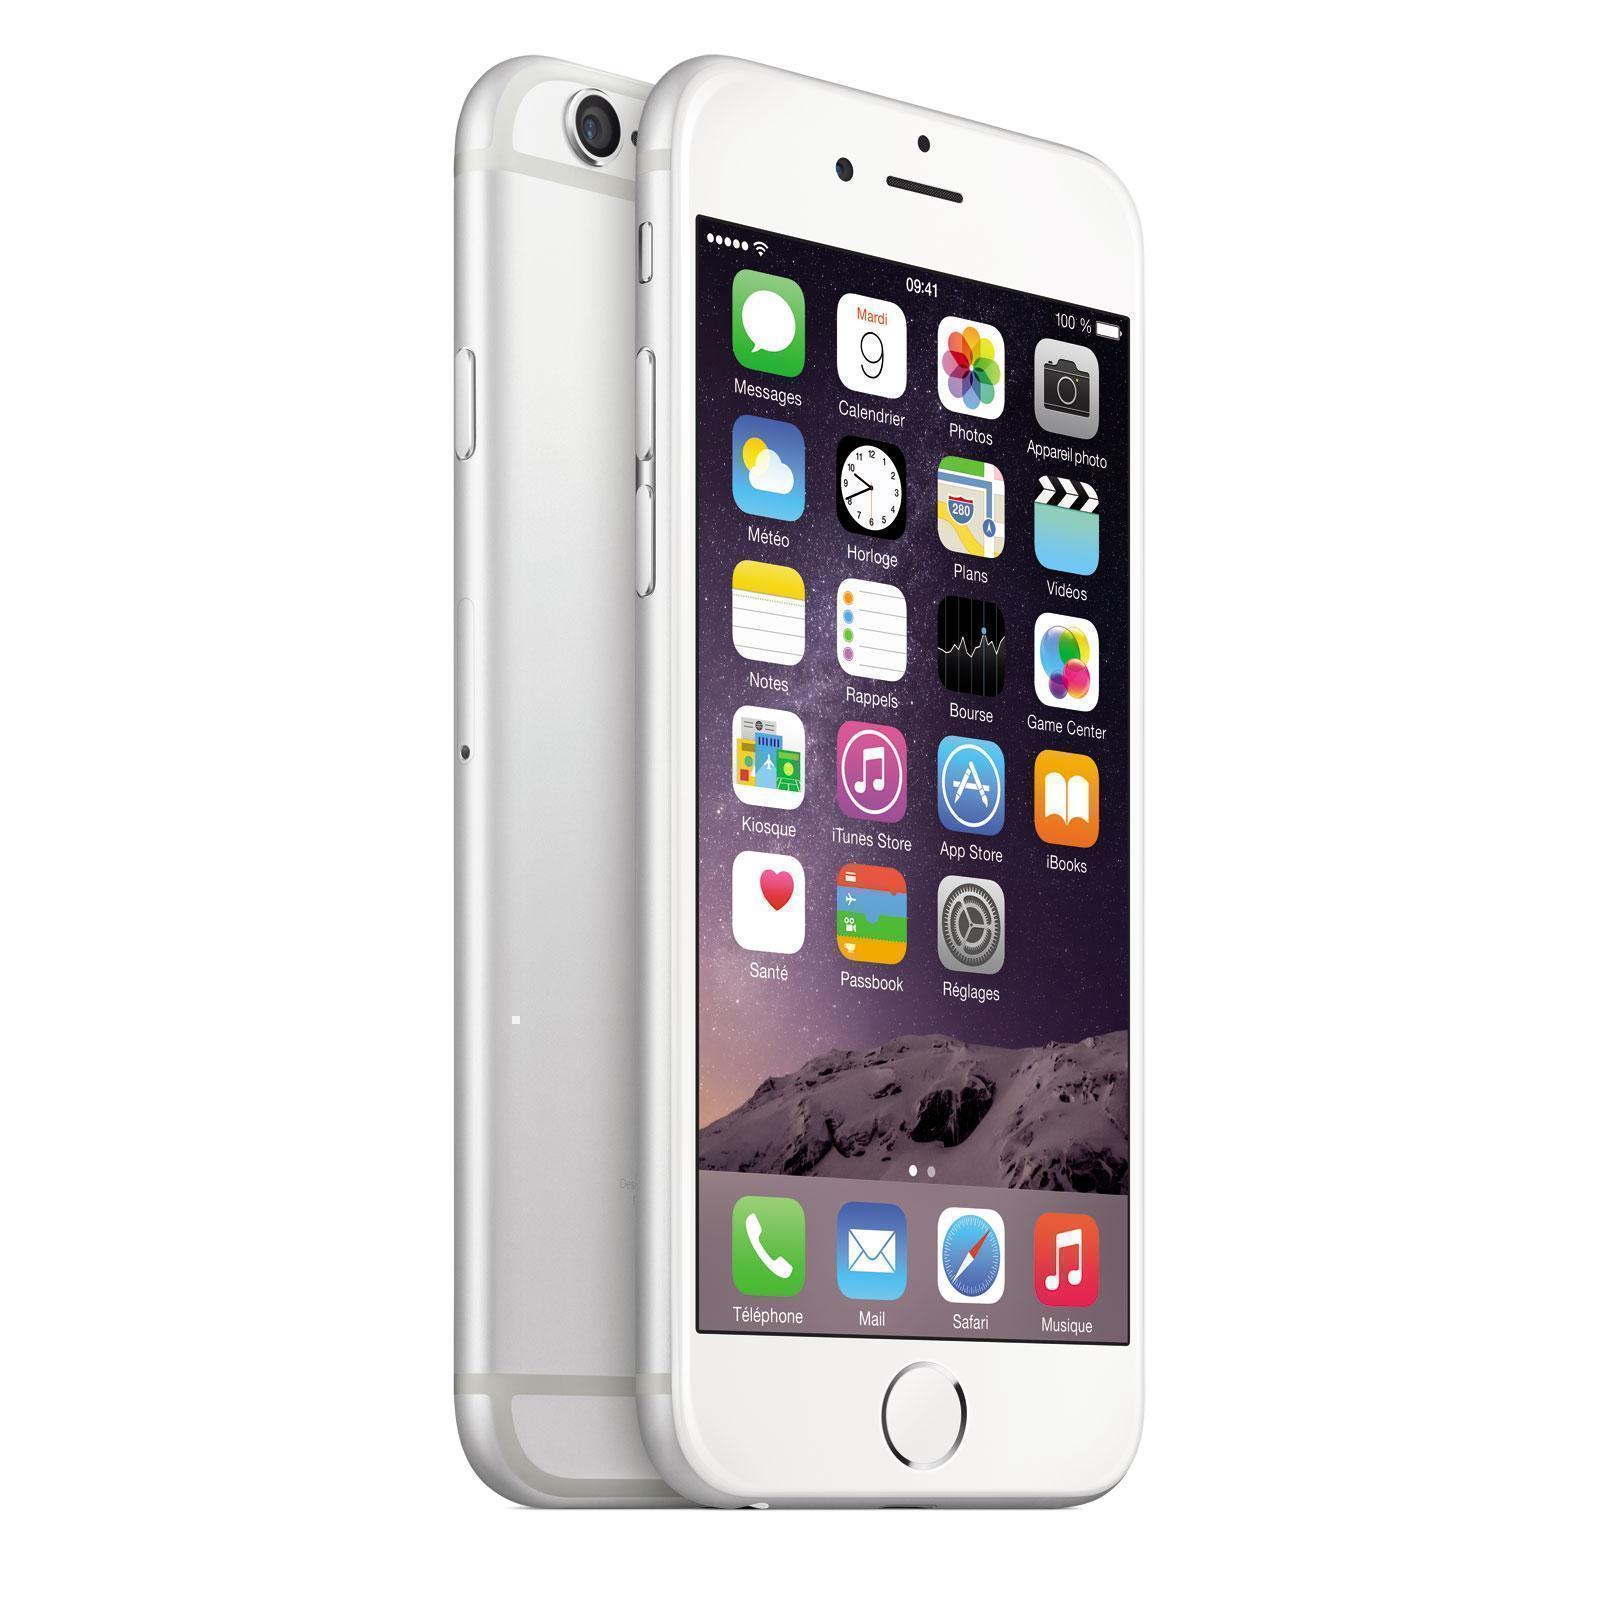 iPhone 6 16 GB - Argento - sbloccato da tutti gli operatori